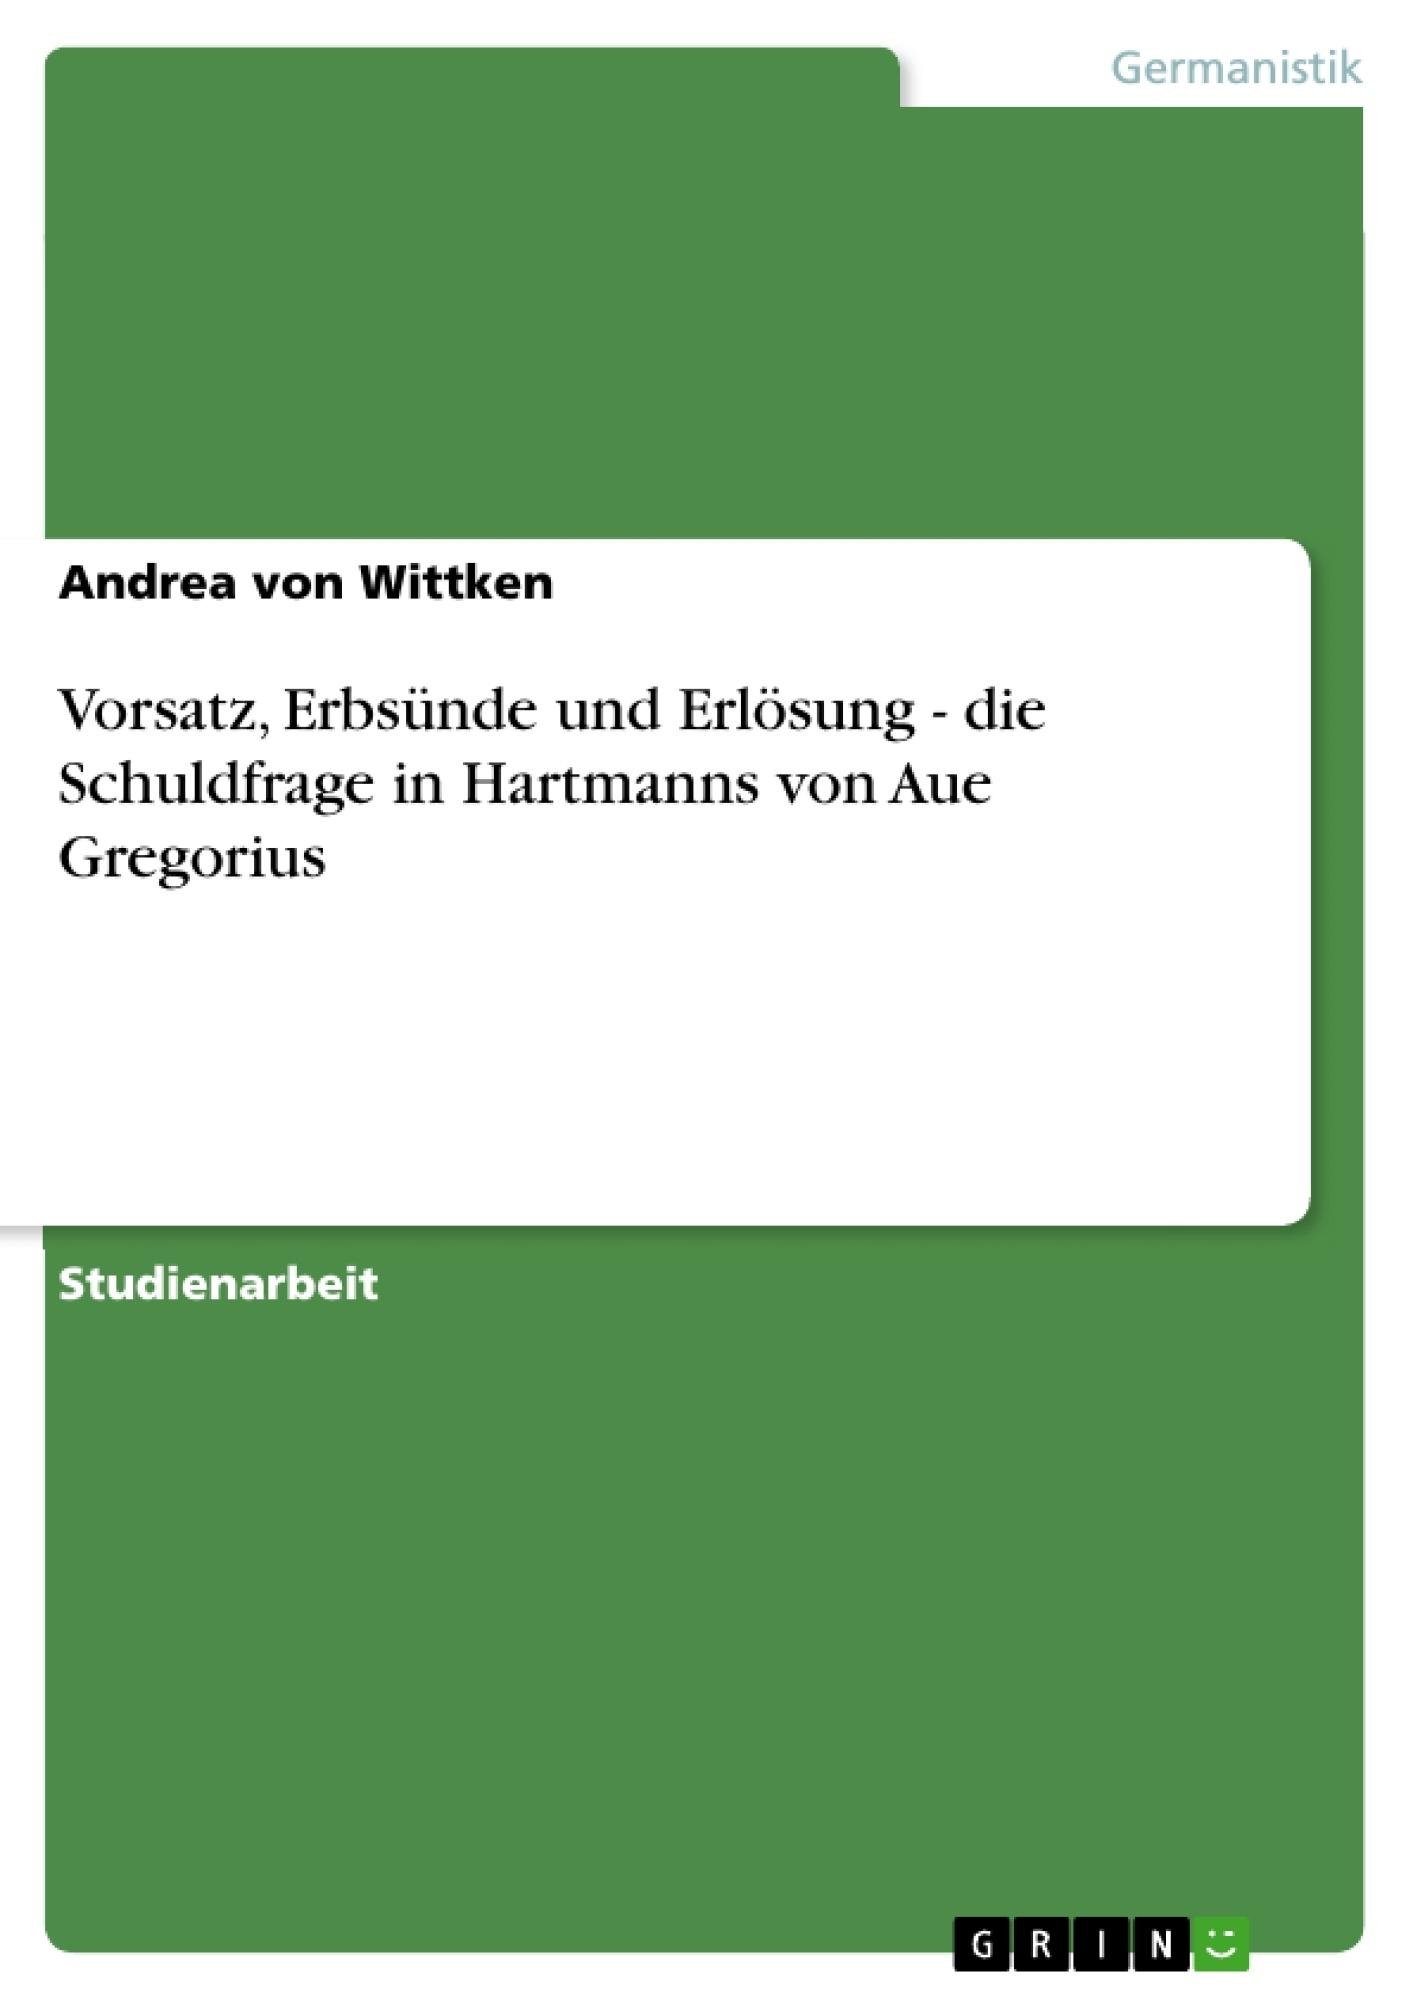 Titel: Vorsatz, Erbsünde und Erlösung - die Schuldfrage in Hartmanns von Aue Gregorius